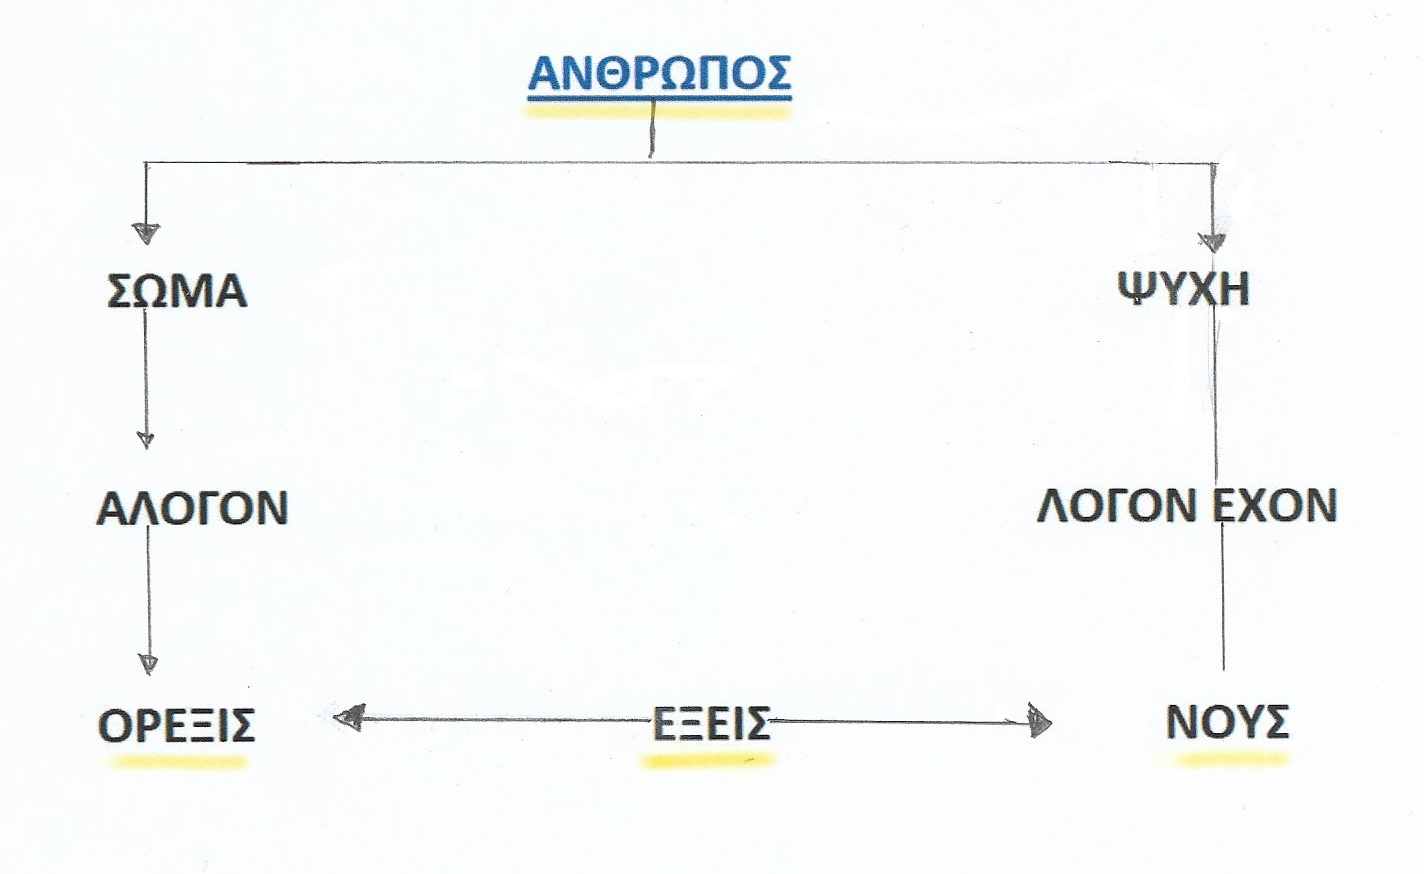 InkedΣάρωση_20191203 (2)_LI